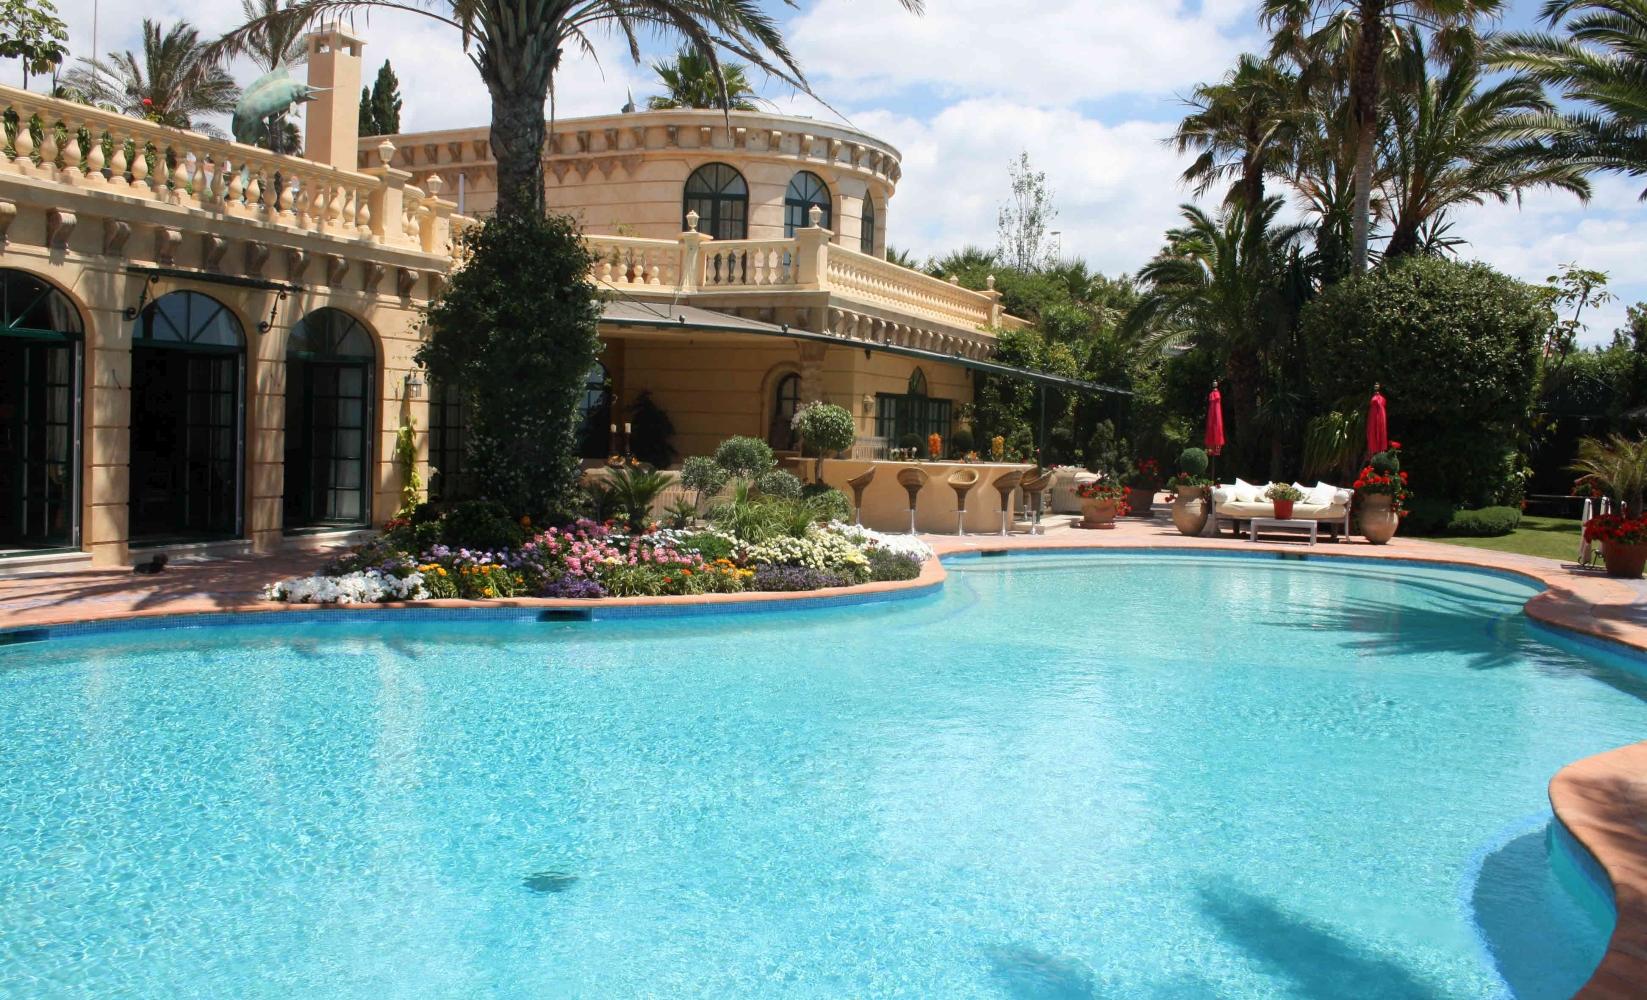 Private Islands for rent - Exclusive Villa in Marbella ...